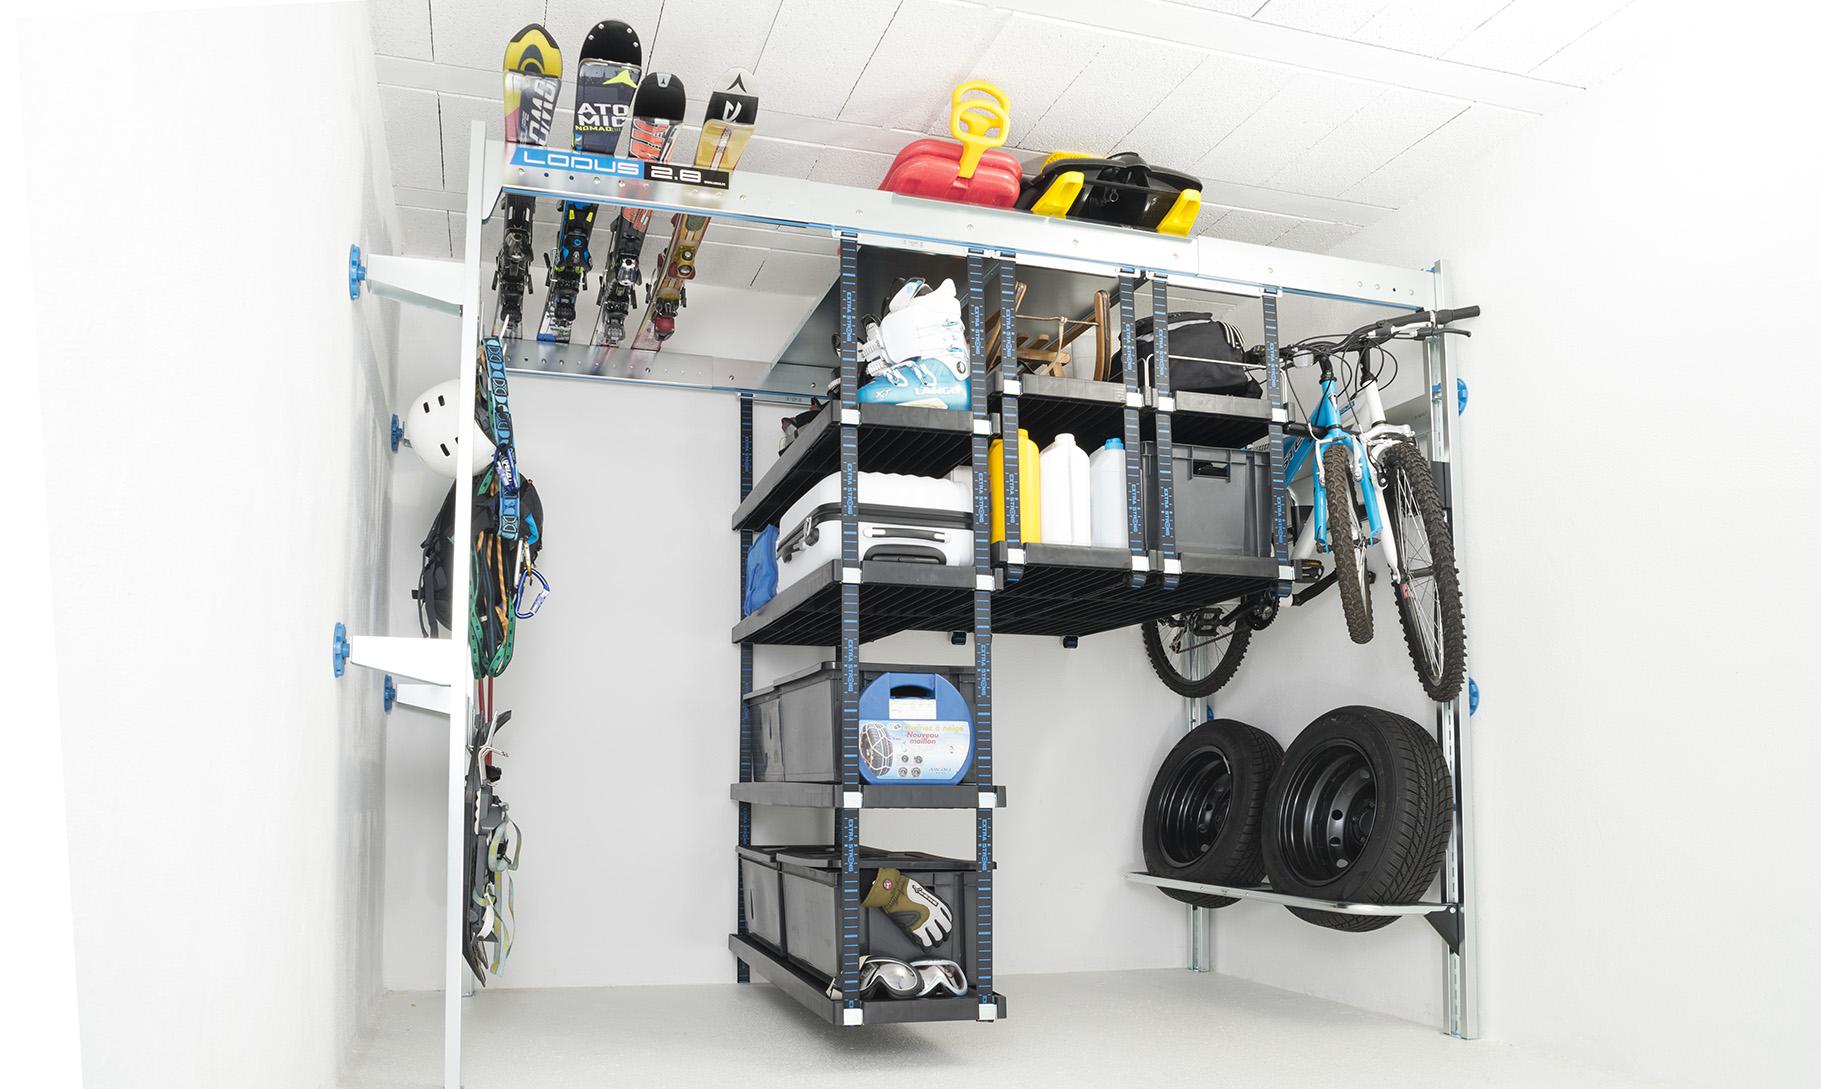 Comment Ranger Ses Chaussures comment ranger le garage d'un chalet de montagne ? - lodus